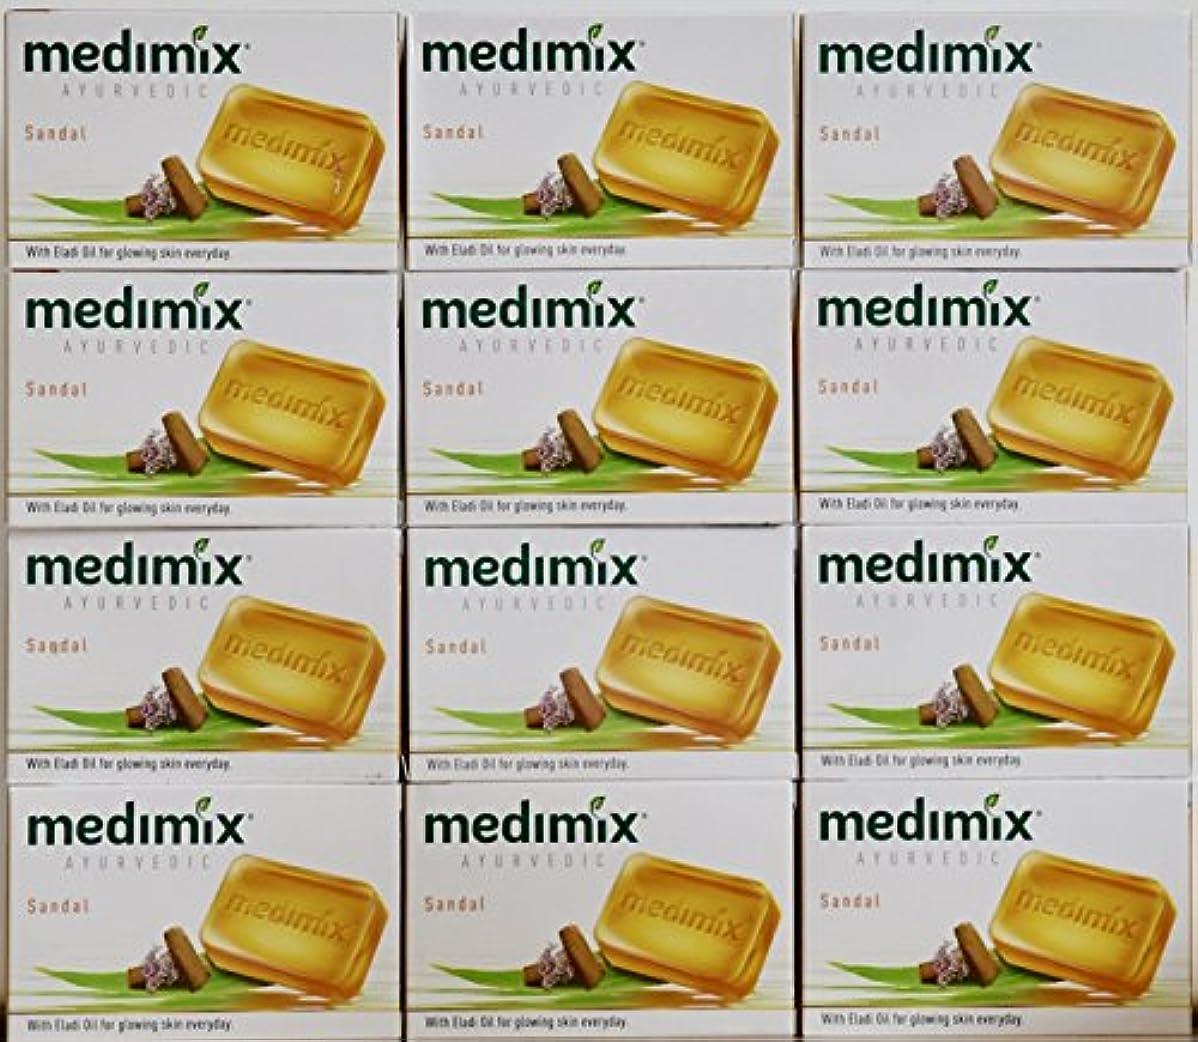 等々実証するフィットネスmedimix メディミックス アーユルヴェディックサンダル 石鹸(旧商品名クラシックオレンジ))125g 12個入り